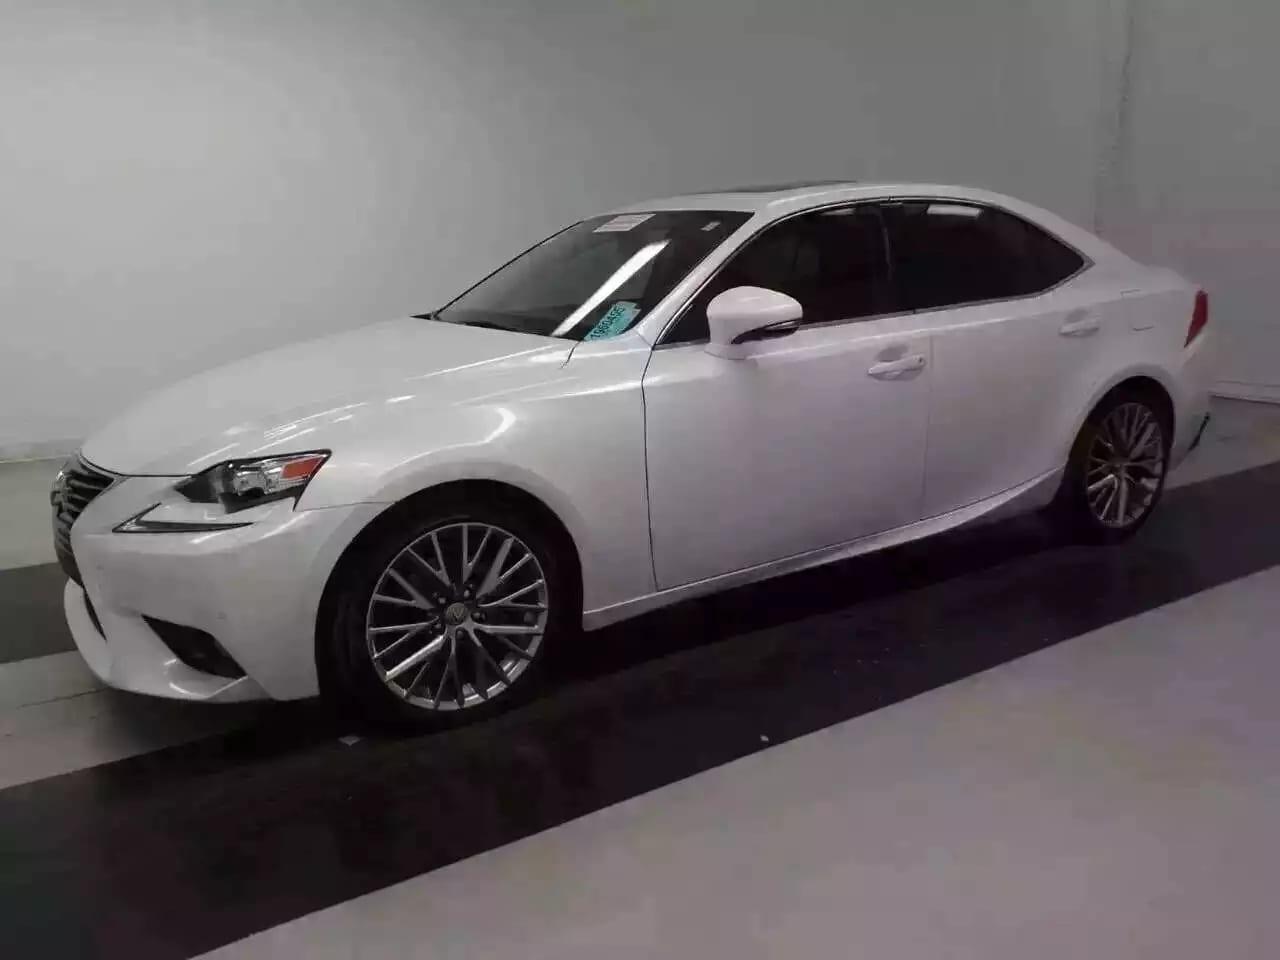 买车为何要签本票 2014雷克萨斯IS250,18寸高级轮毂!好看 好看 好看